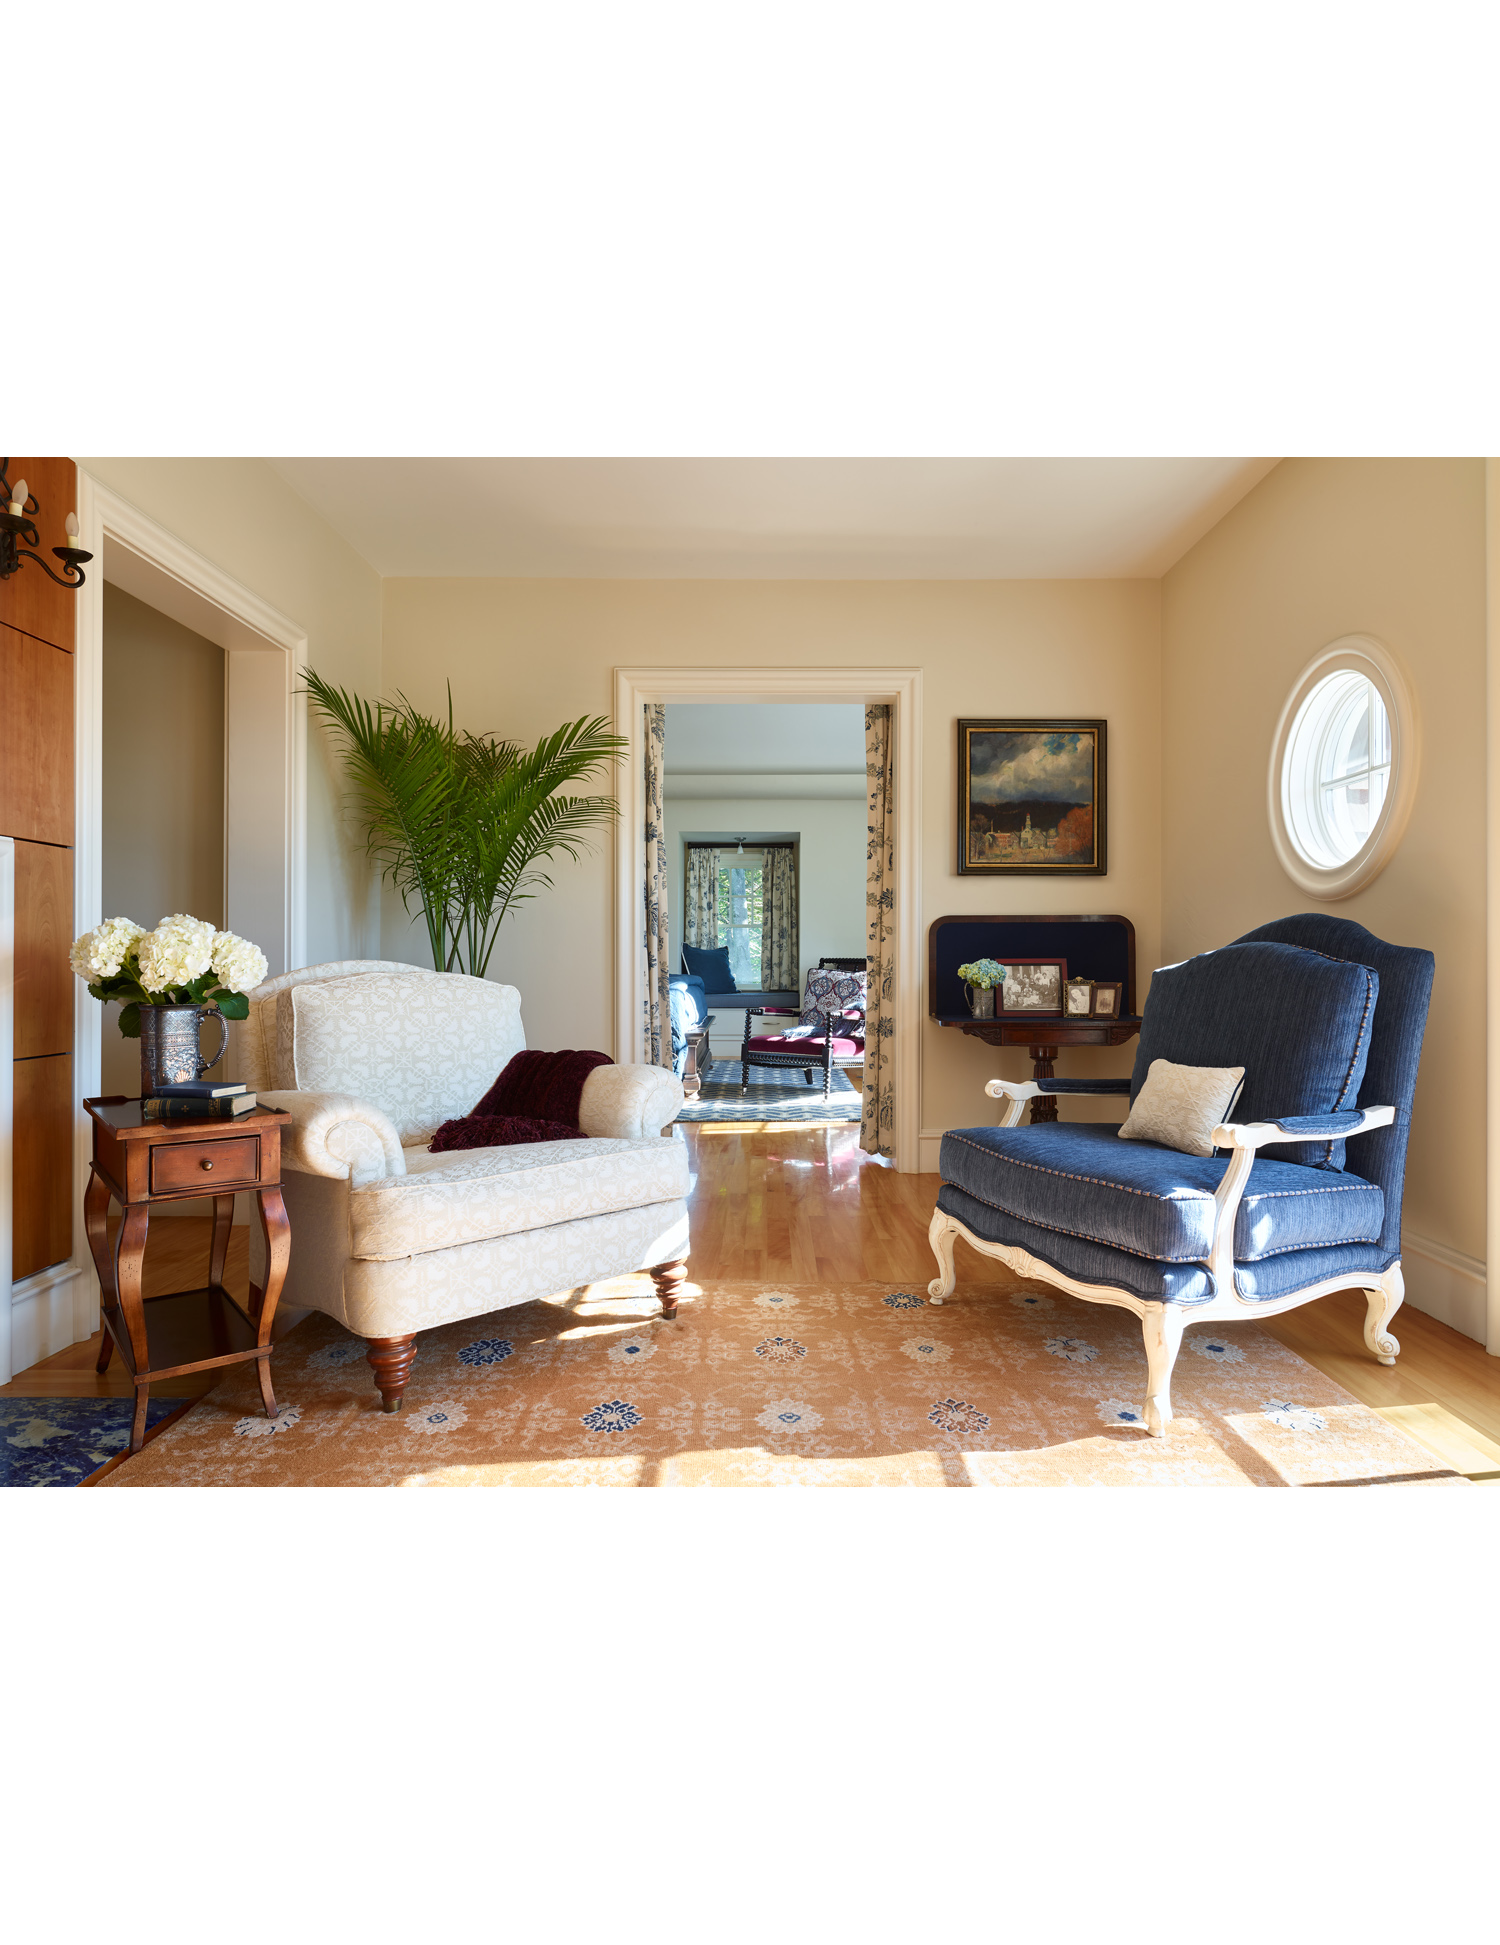 Lexington 10 Cream and Blue Chairs.jpg